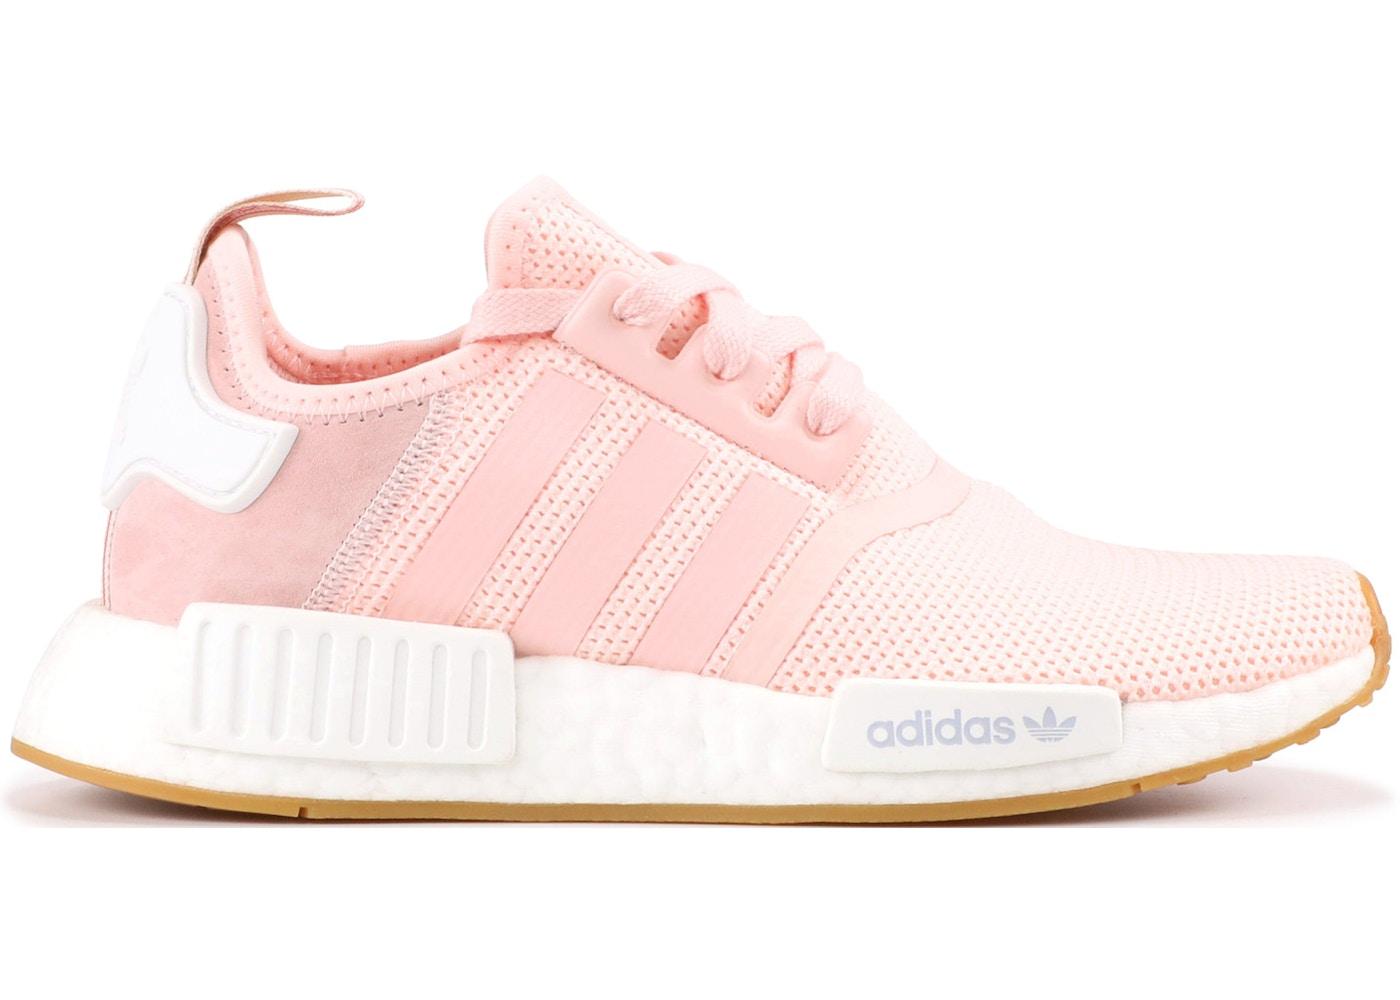 adidas NMD R1 Pink Gum (W) - BB7588